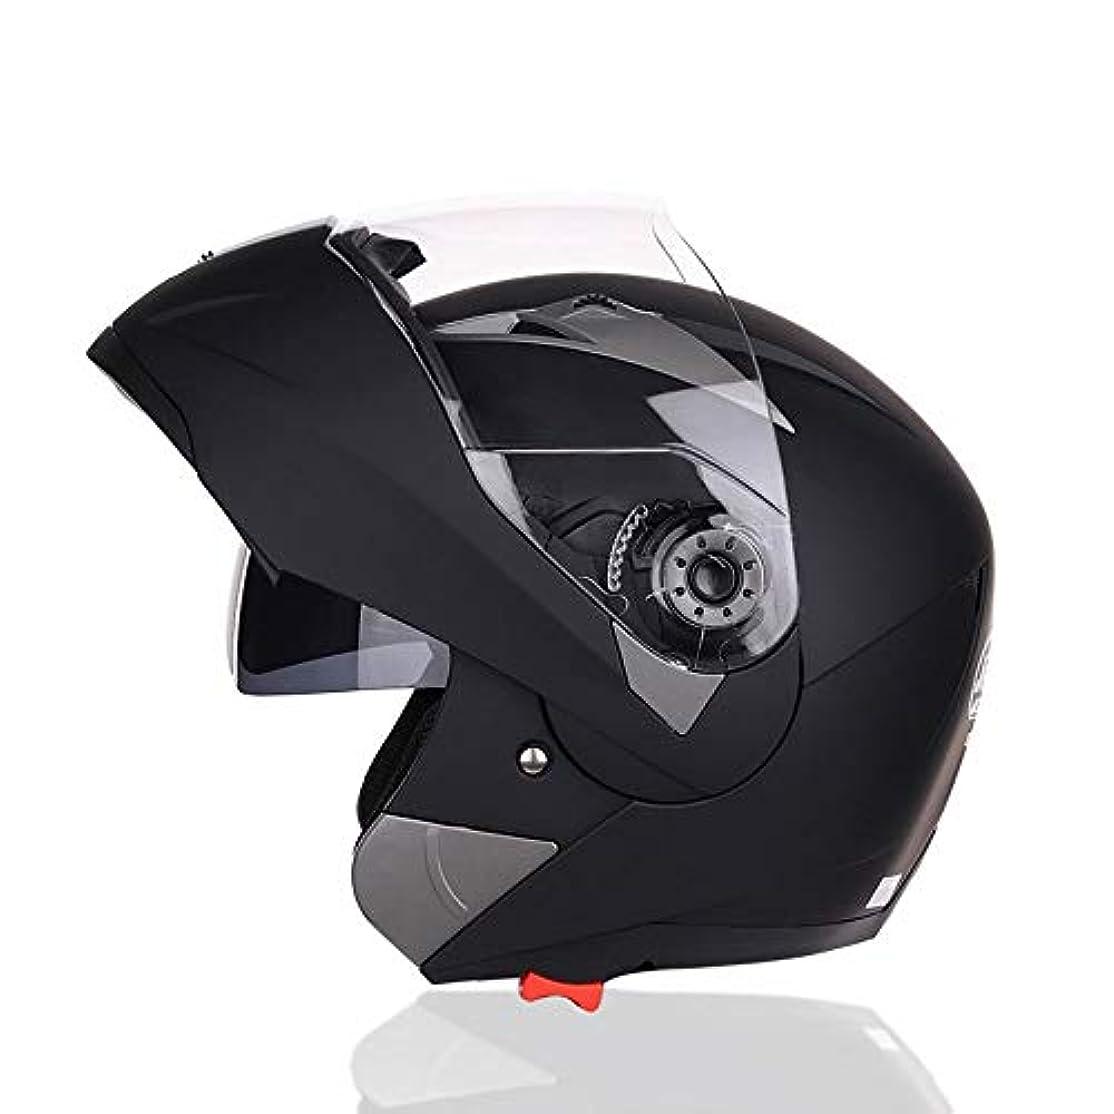 ヘルメット手入れ恐れTOMSSL高品質 黒赤オートバイヘルメットフルヘルメットフルカバーヘルメットabsシェル+ epsダブルレンズ男性と女性電気自動車機関車四季ヘルメット (色 : Black, Size : L)